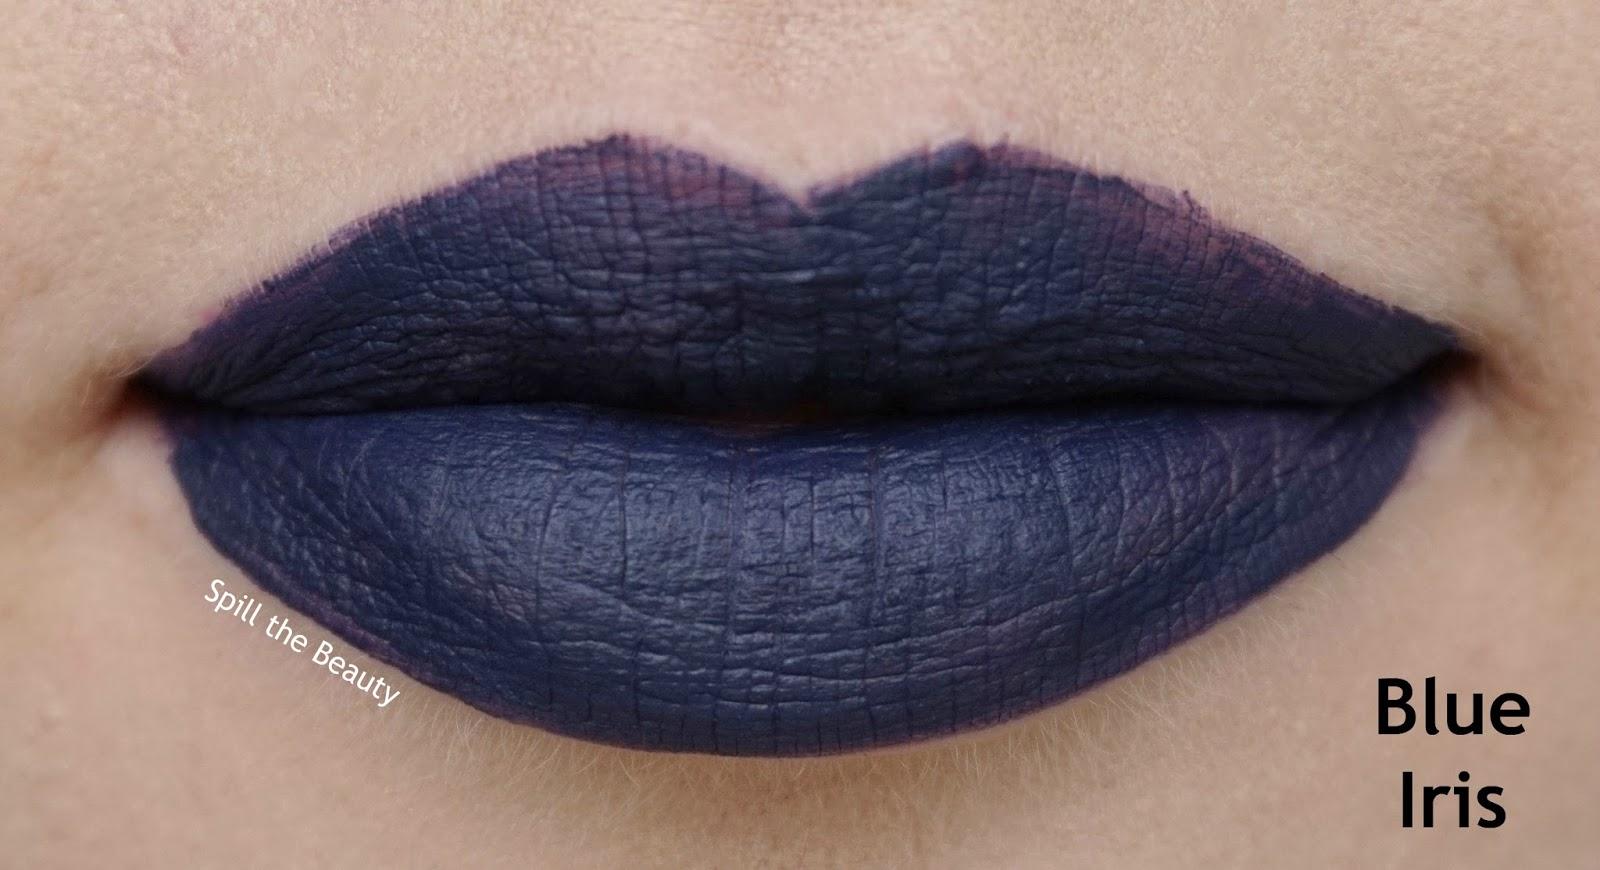 rimmel london stay matte liquid lip color review swatches 830 blue iris